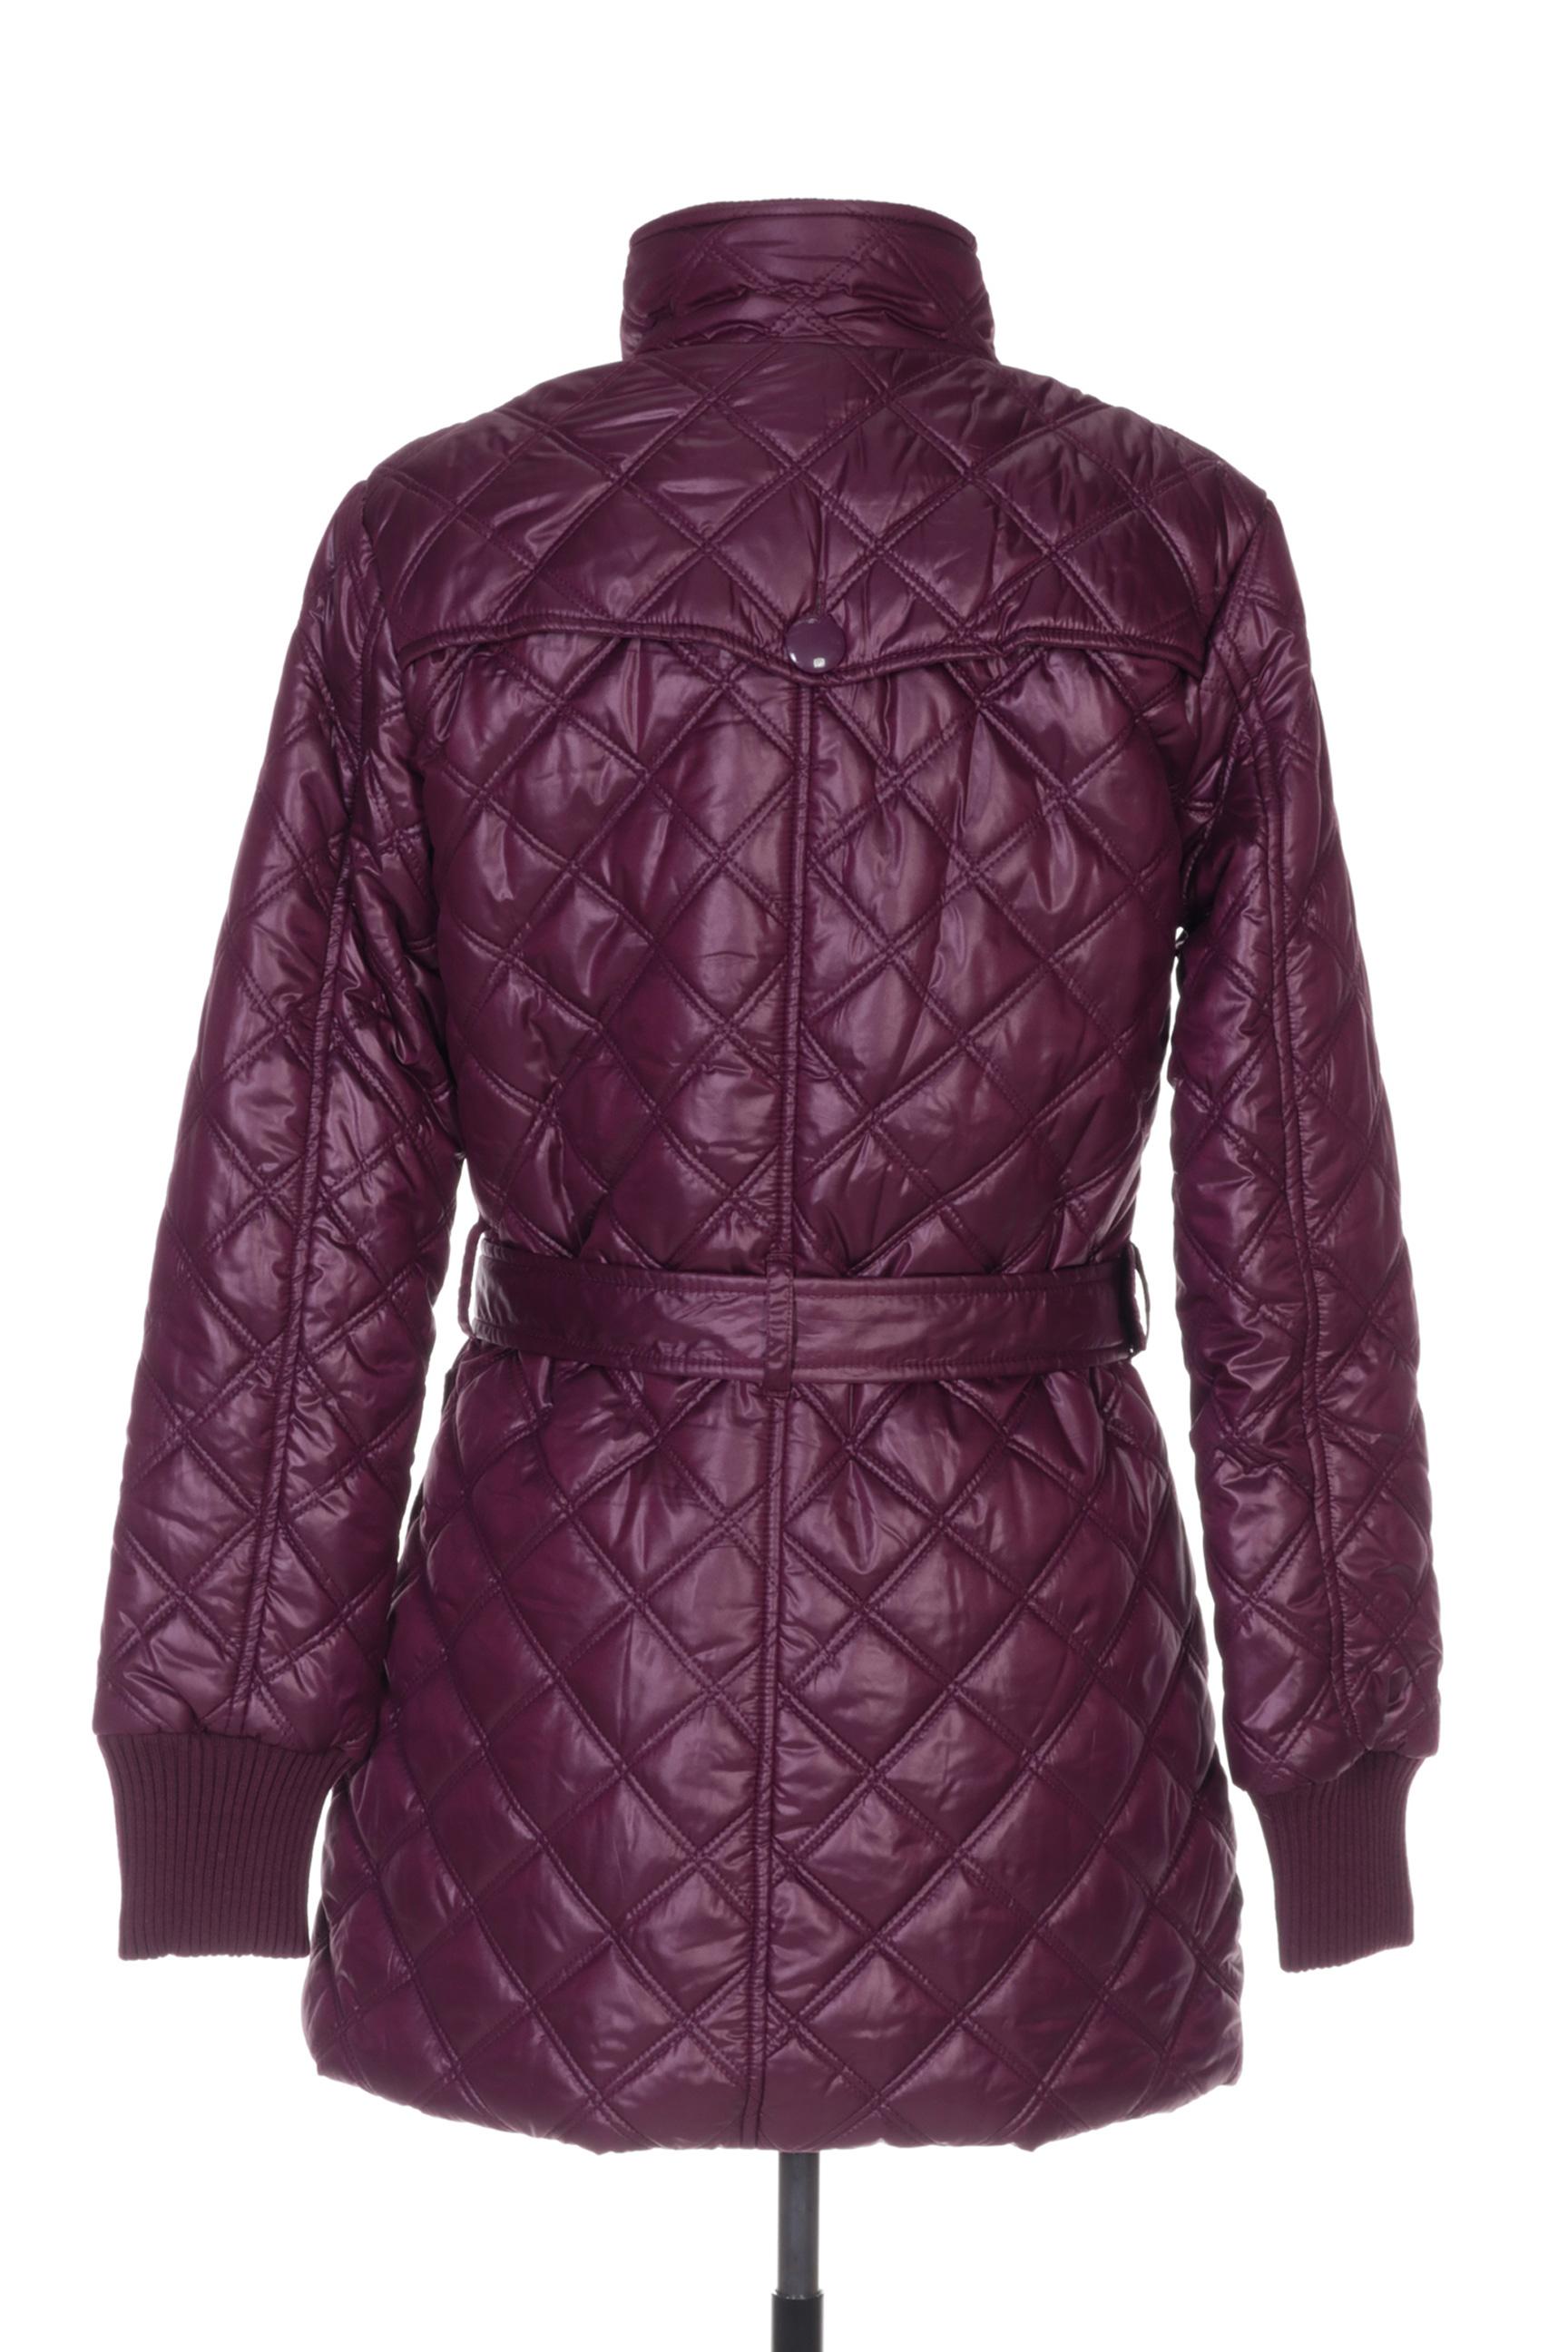 Kocca Doudounes Femme De Couleur Violet En Soldes Pas Cher 1375984-violet